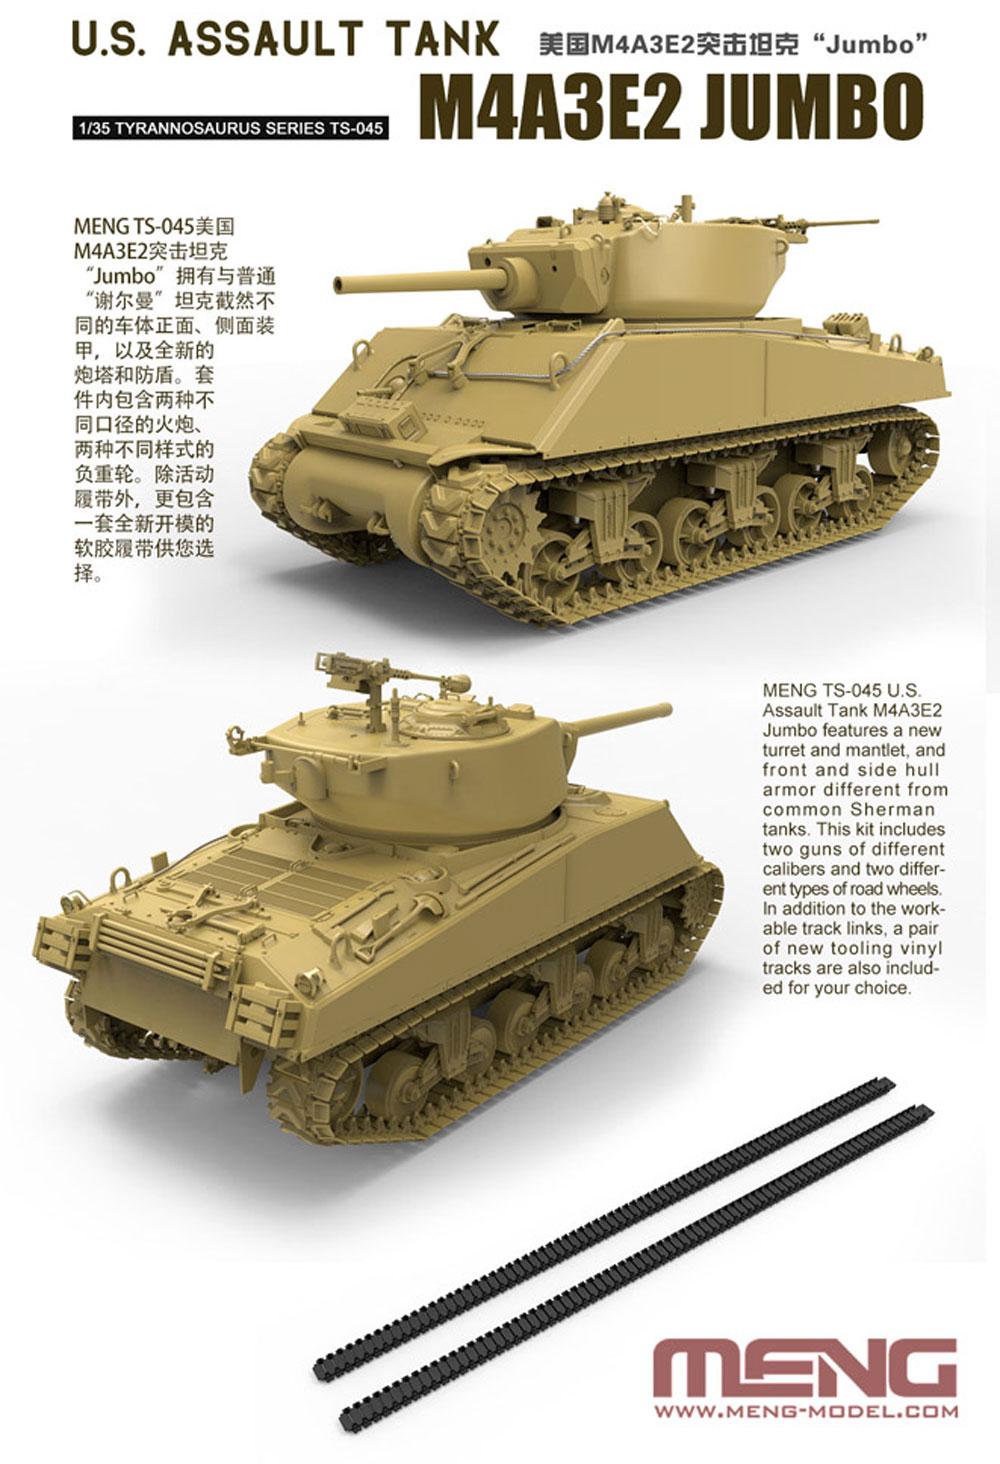 アメリカ 突撃戦車 M4A3E2 シャーマン ジャンボプラモデル(MENG-MODEL1/35 ティラノサウルス シリーズNo.TS-045)商品画像_2